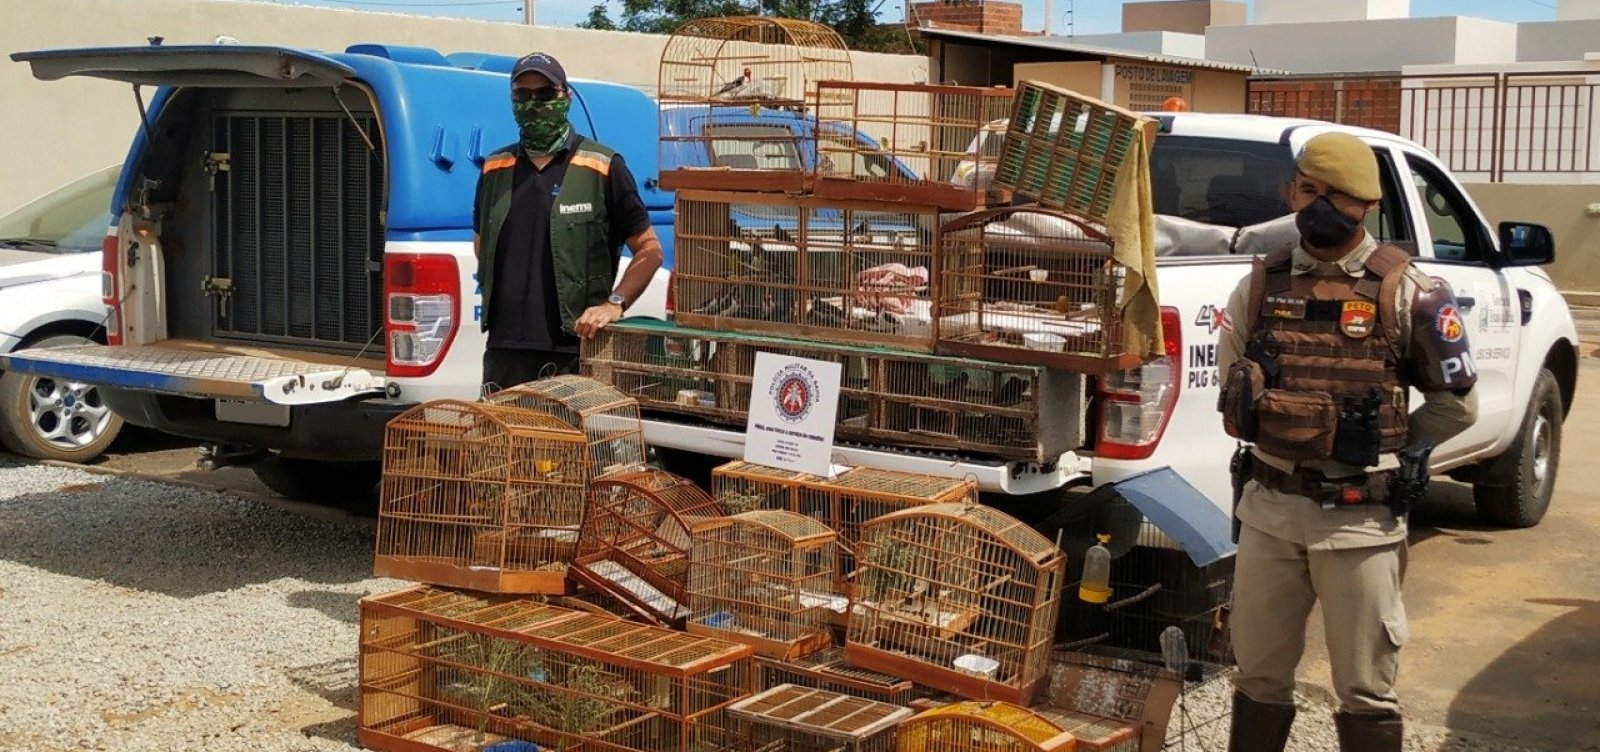 Aves silvestres são apreendidas durante operação no interior da Bahia